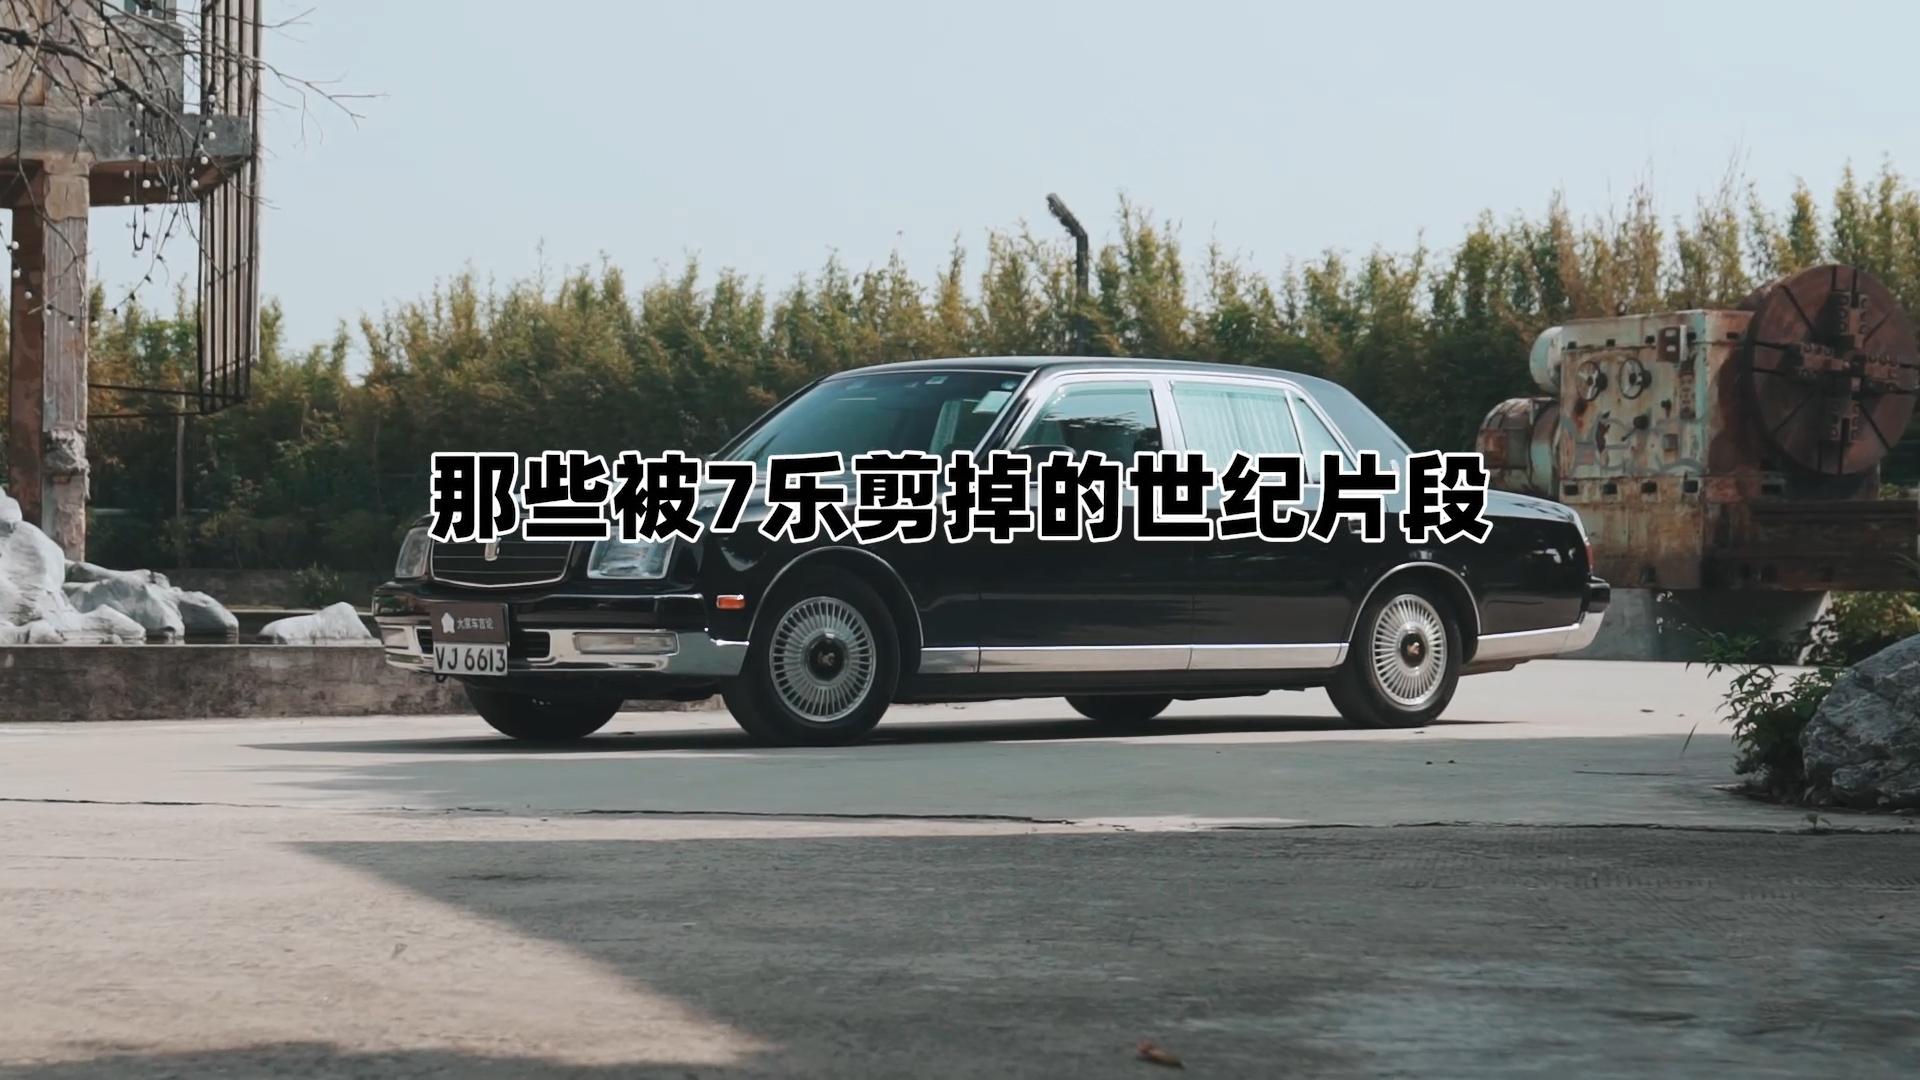 袁启聪试驾丰田世纪,来自日本的工匠精神视频